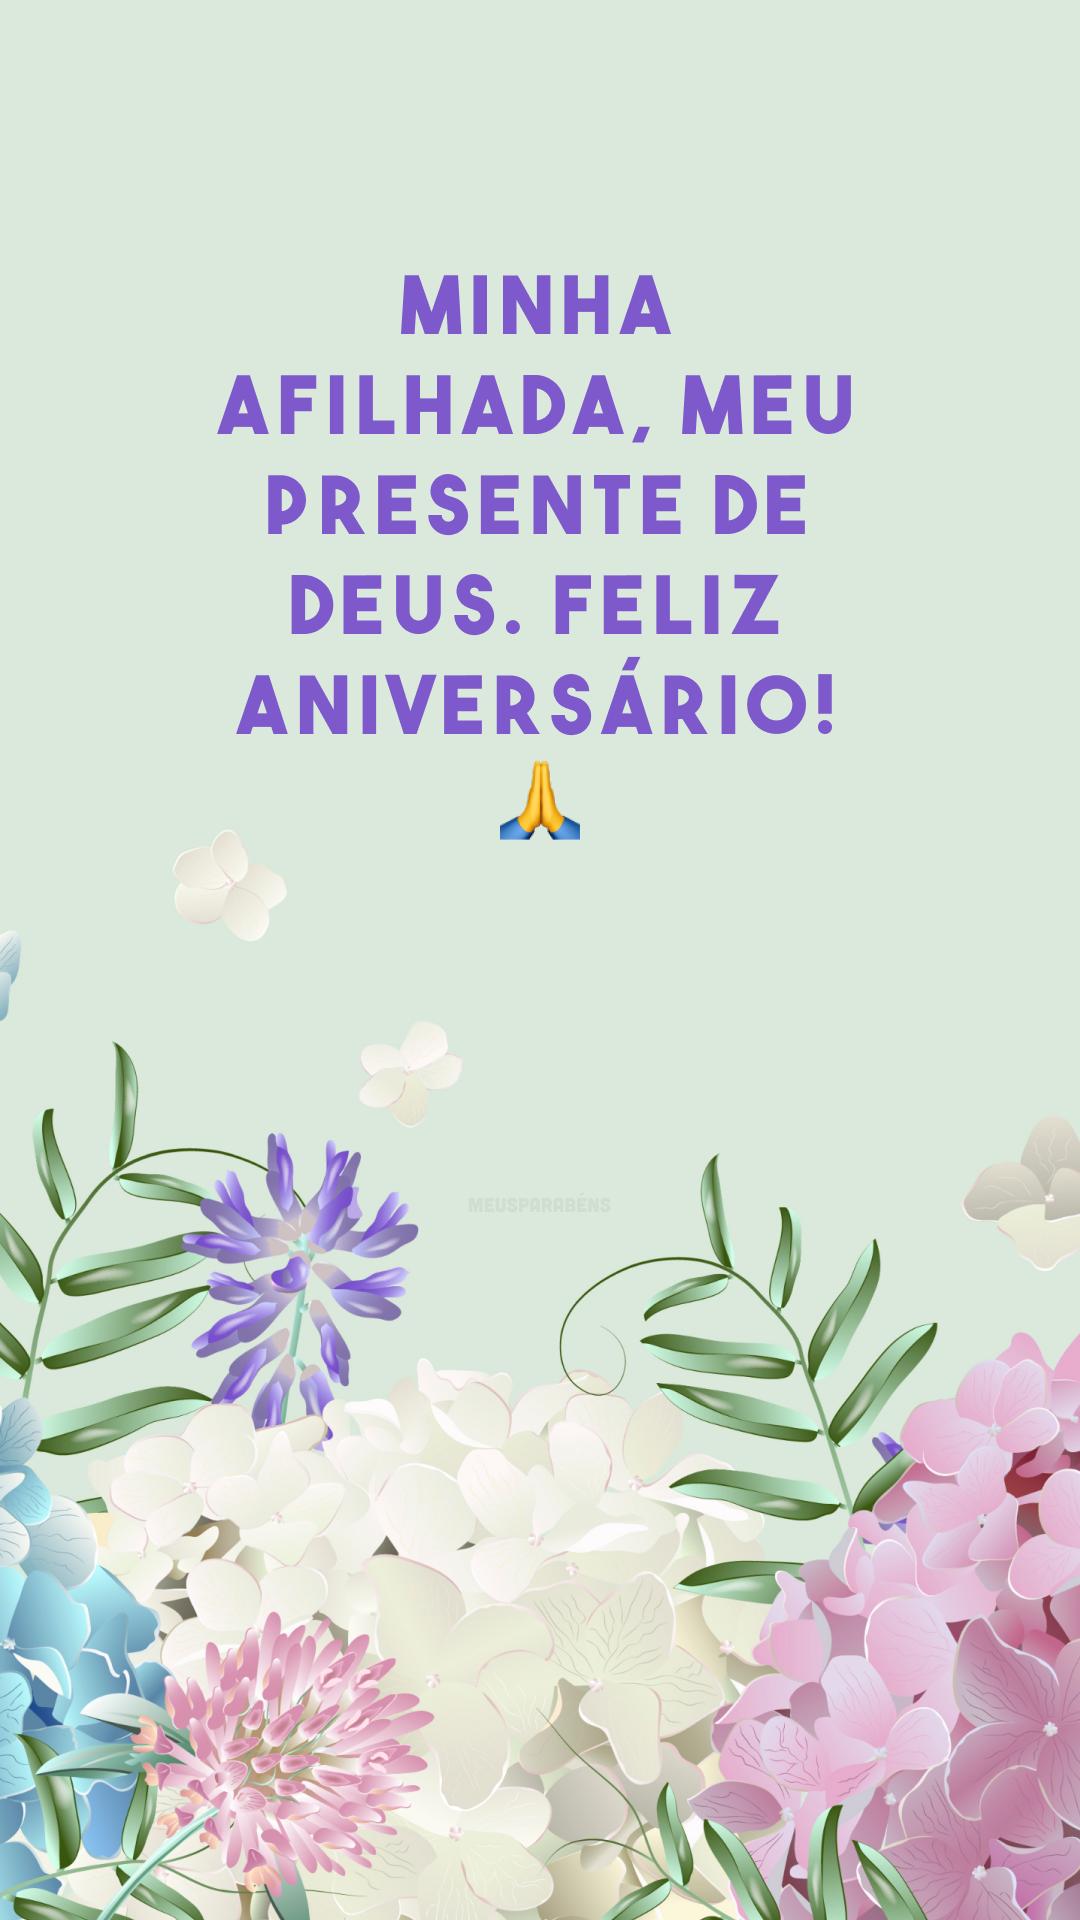 Minha afilhada, meu presente de Deus. Feliz aniversário! 🙏